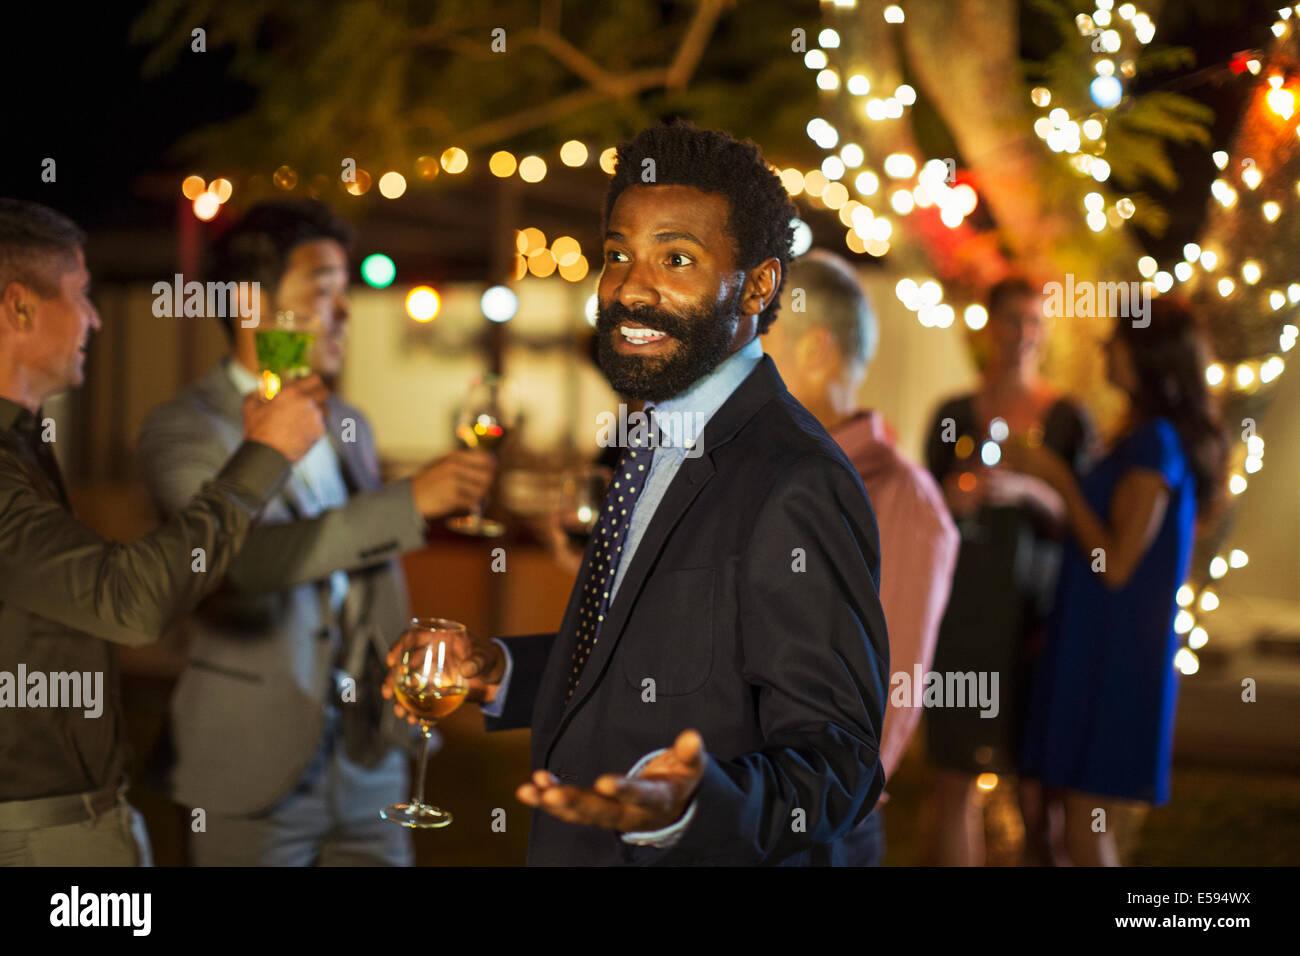 Hombre gesticulando con vino en parte Imagen De Stock